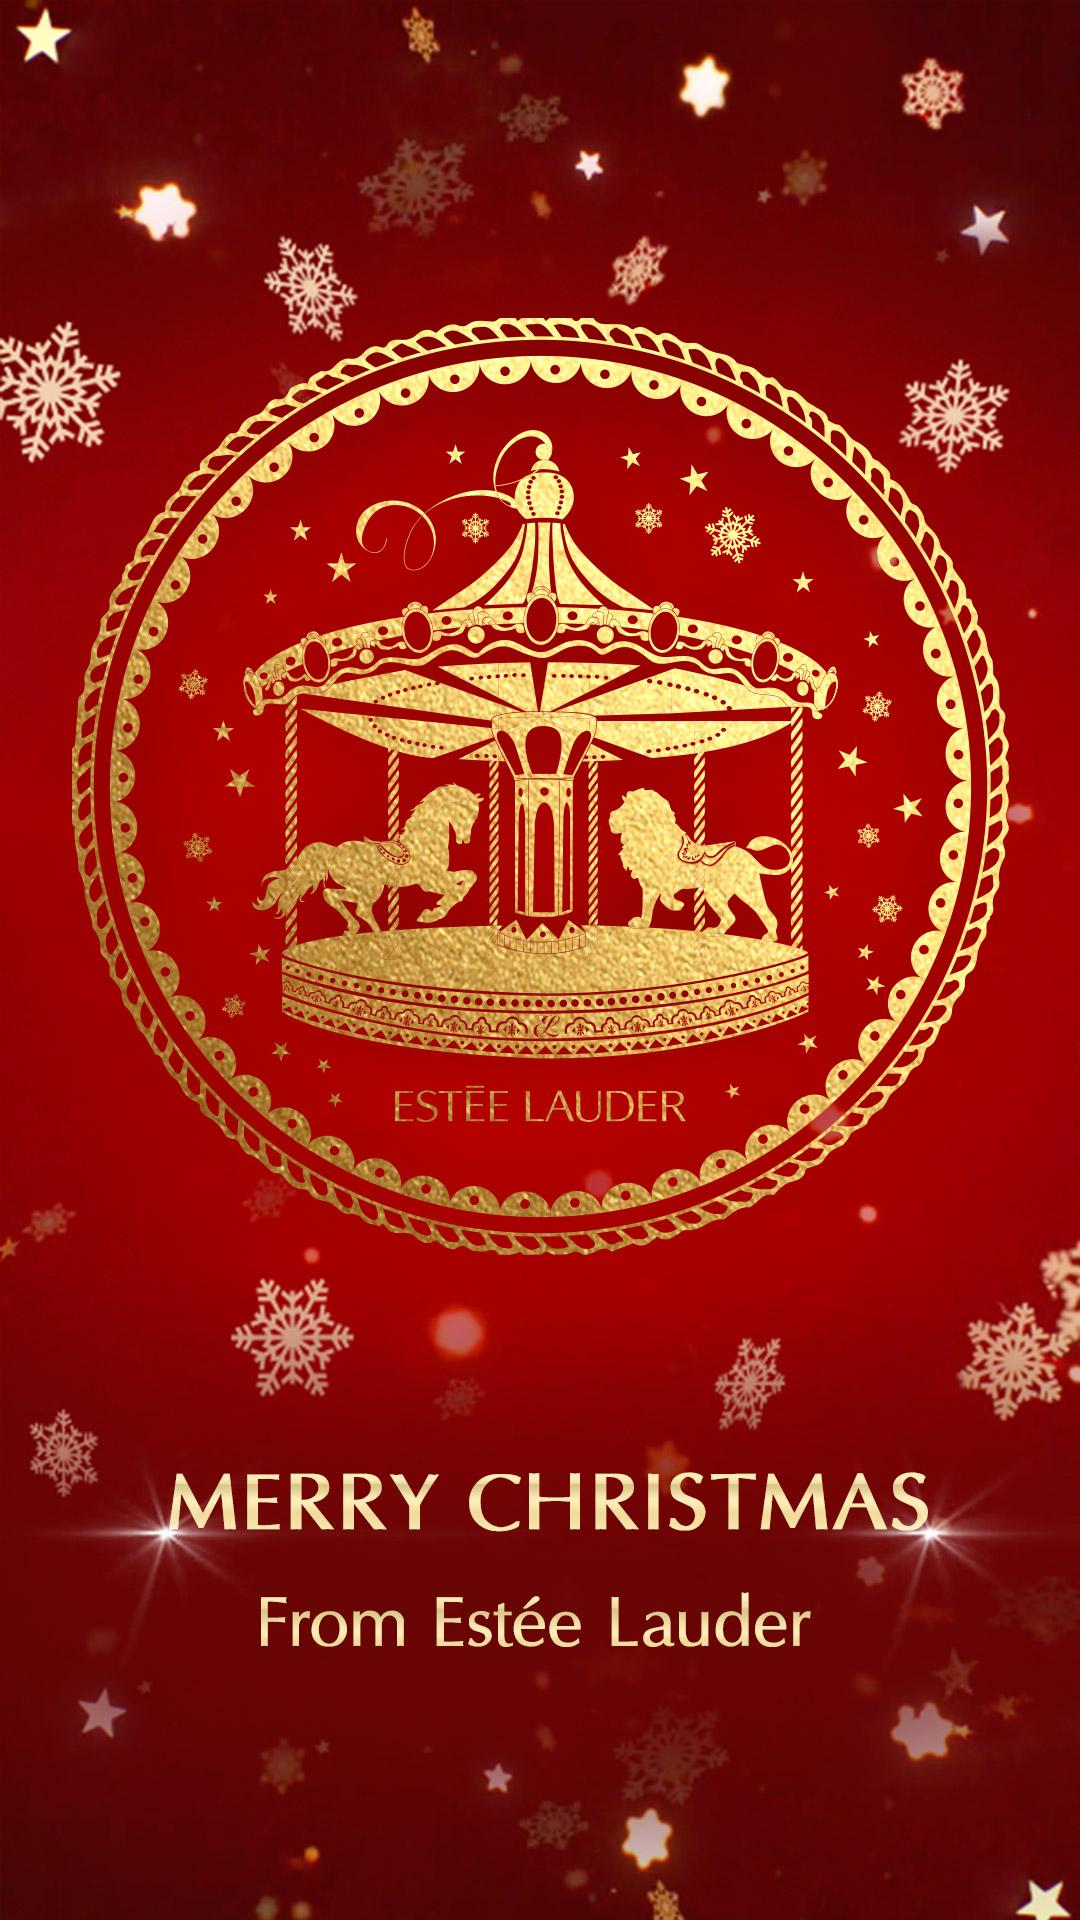 客製化聖誕影片賀卡